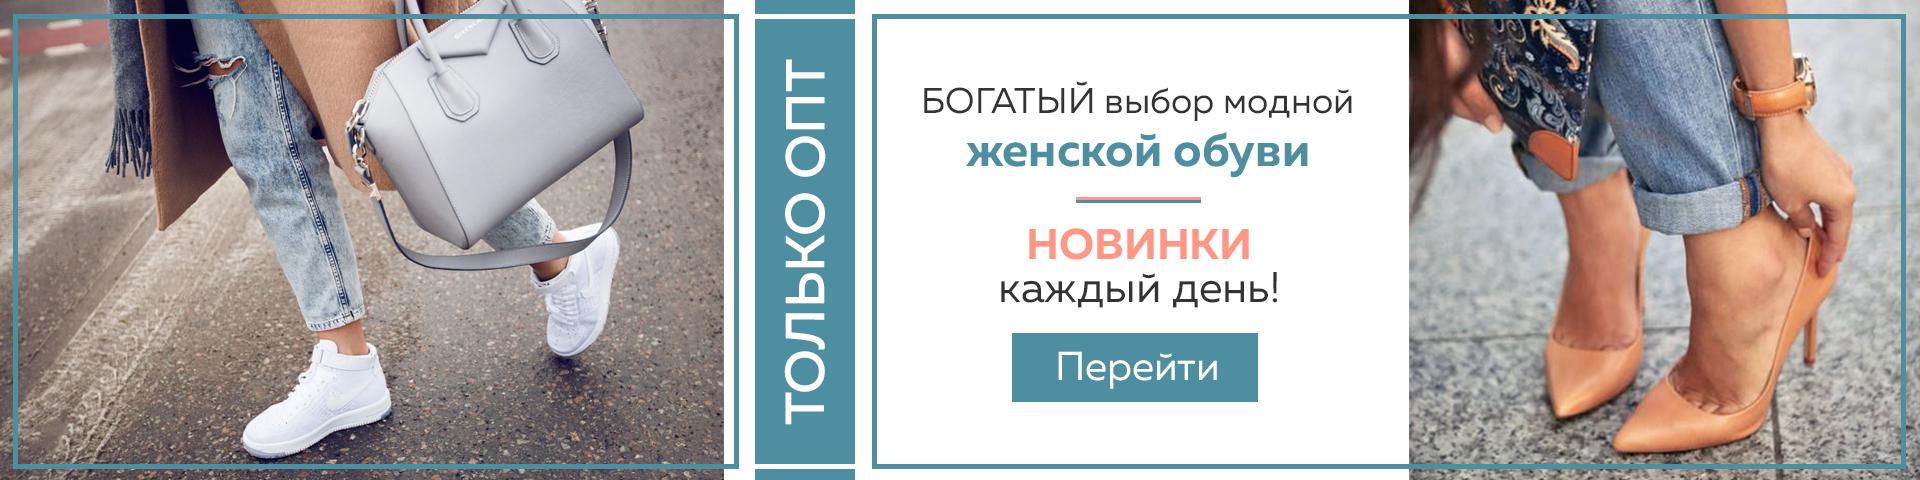 купить женскую обувь оптом от производителя в интернет - магазине Optomarket| Одесса 7 км |